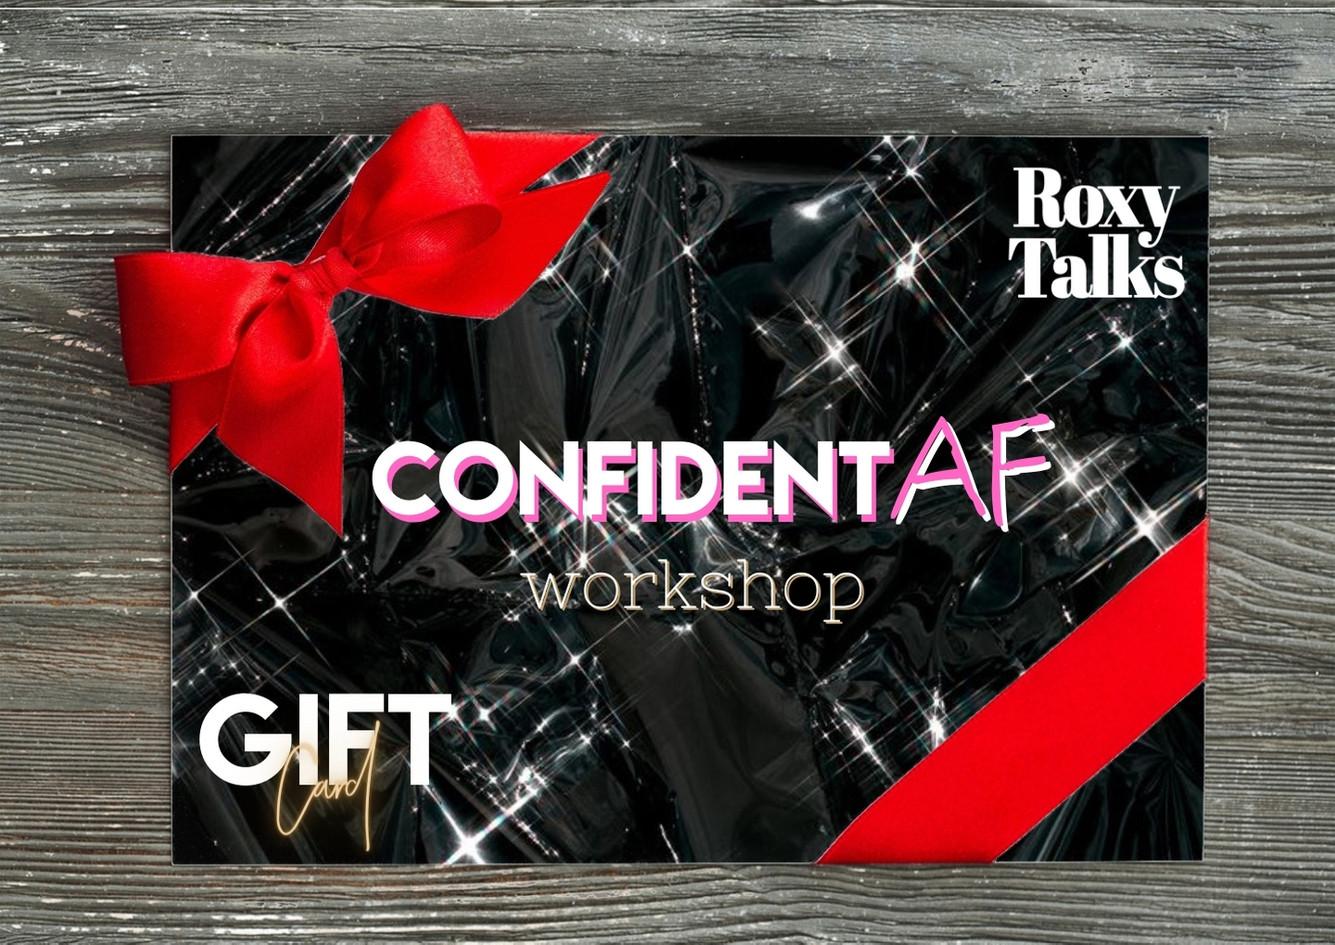 Confident AF Workshop